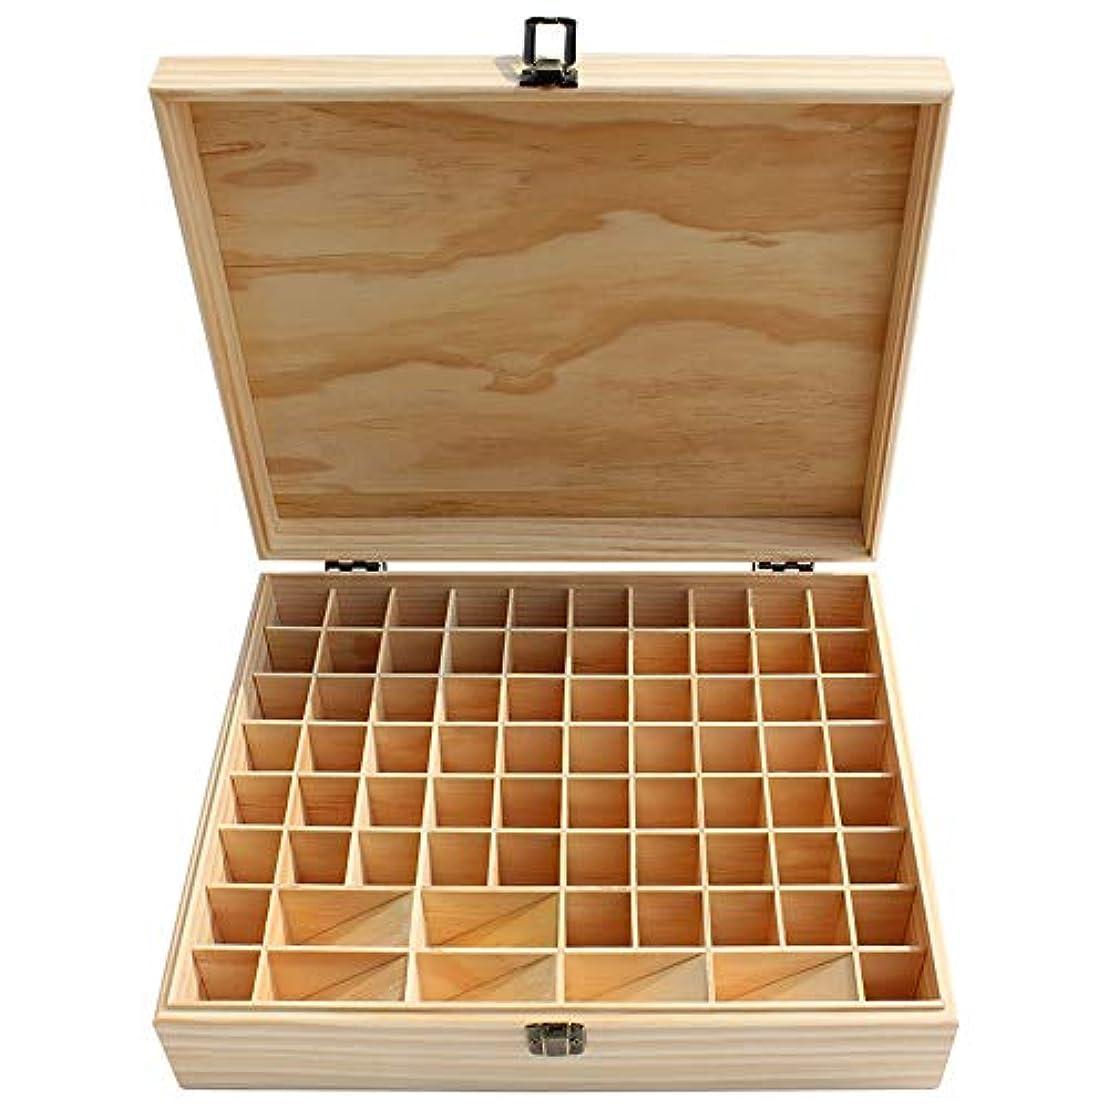 引くコードレス強盗エッセンシャルオイル収納ボックス 大74スロット木製のエッセンシャルオイルストレージボックスナチュラルパインウッド (色 : Natural, サイズ : 34X27.5X9CM)